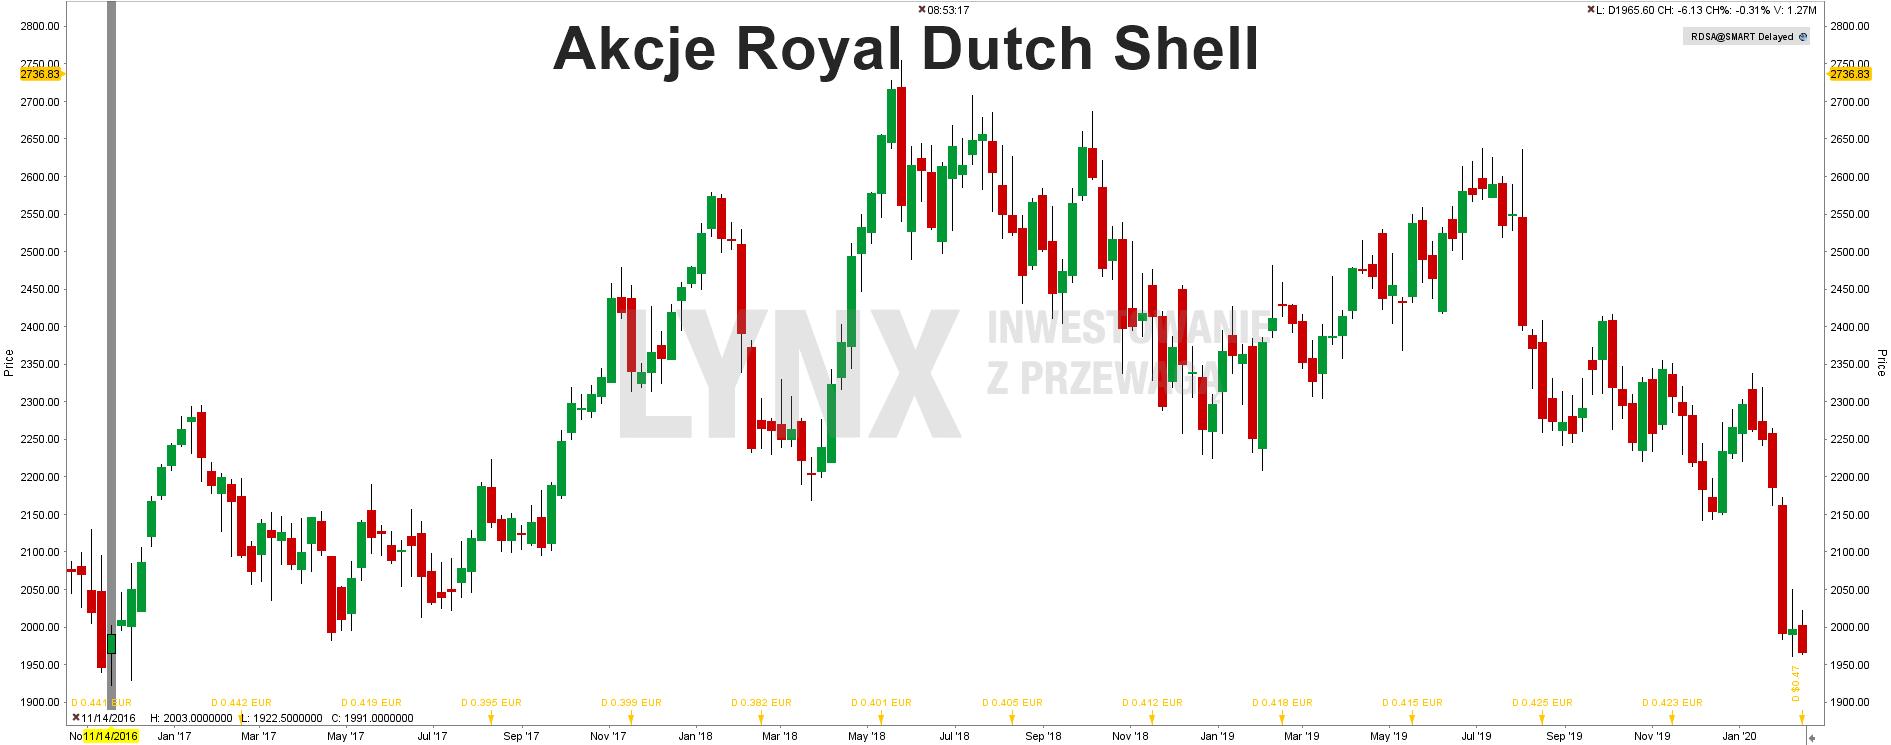 Akcje Royal Dutch Shell